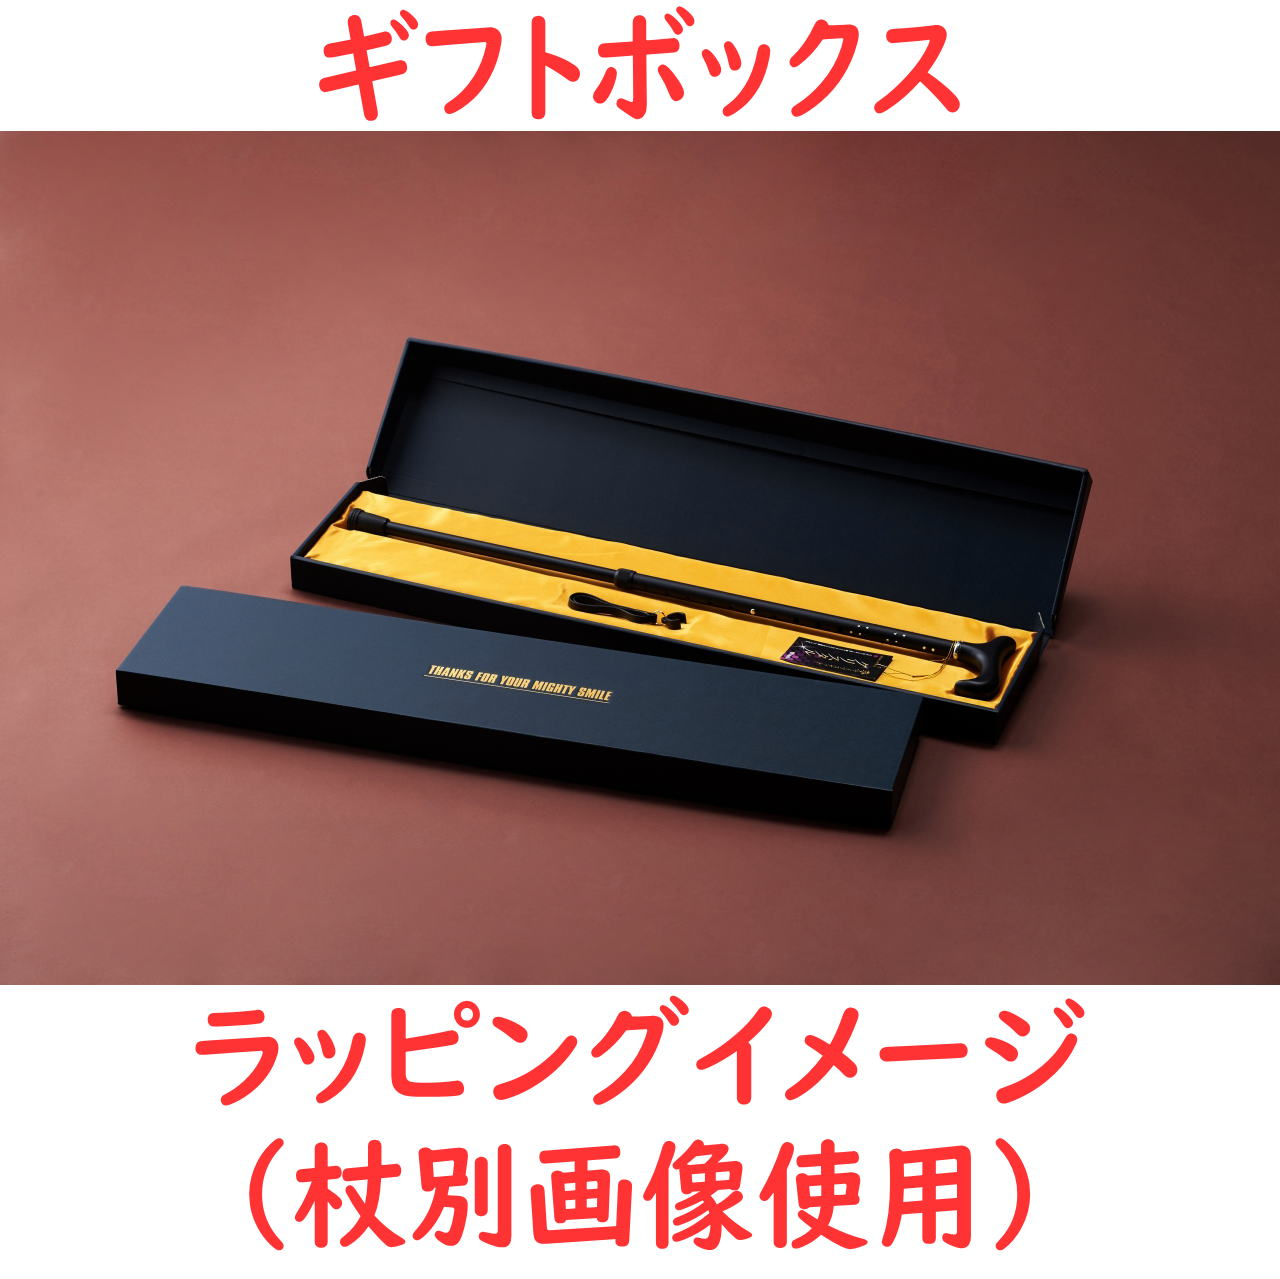 ☆ギフトボックス可☆ 夢ライフステッキ 柄杖折りたたみ伸縮型 花ブラック